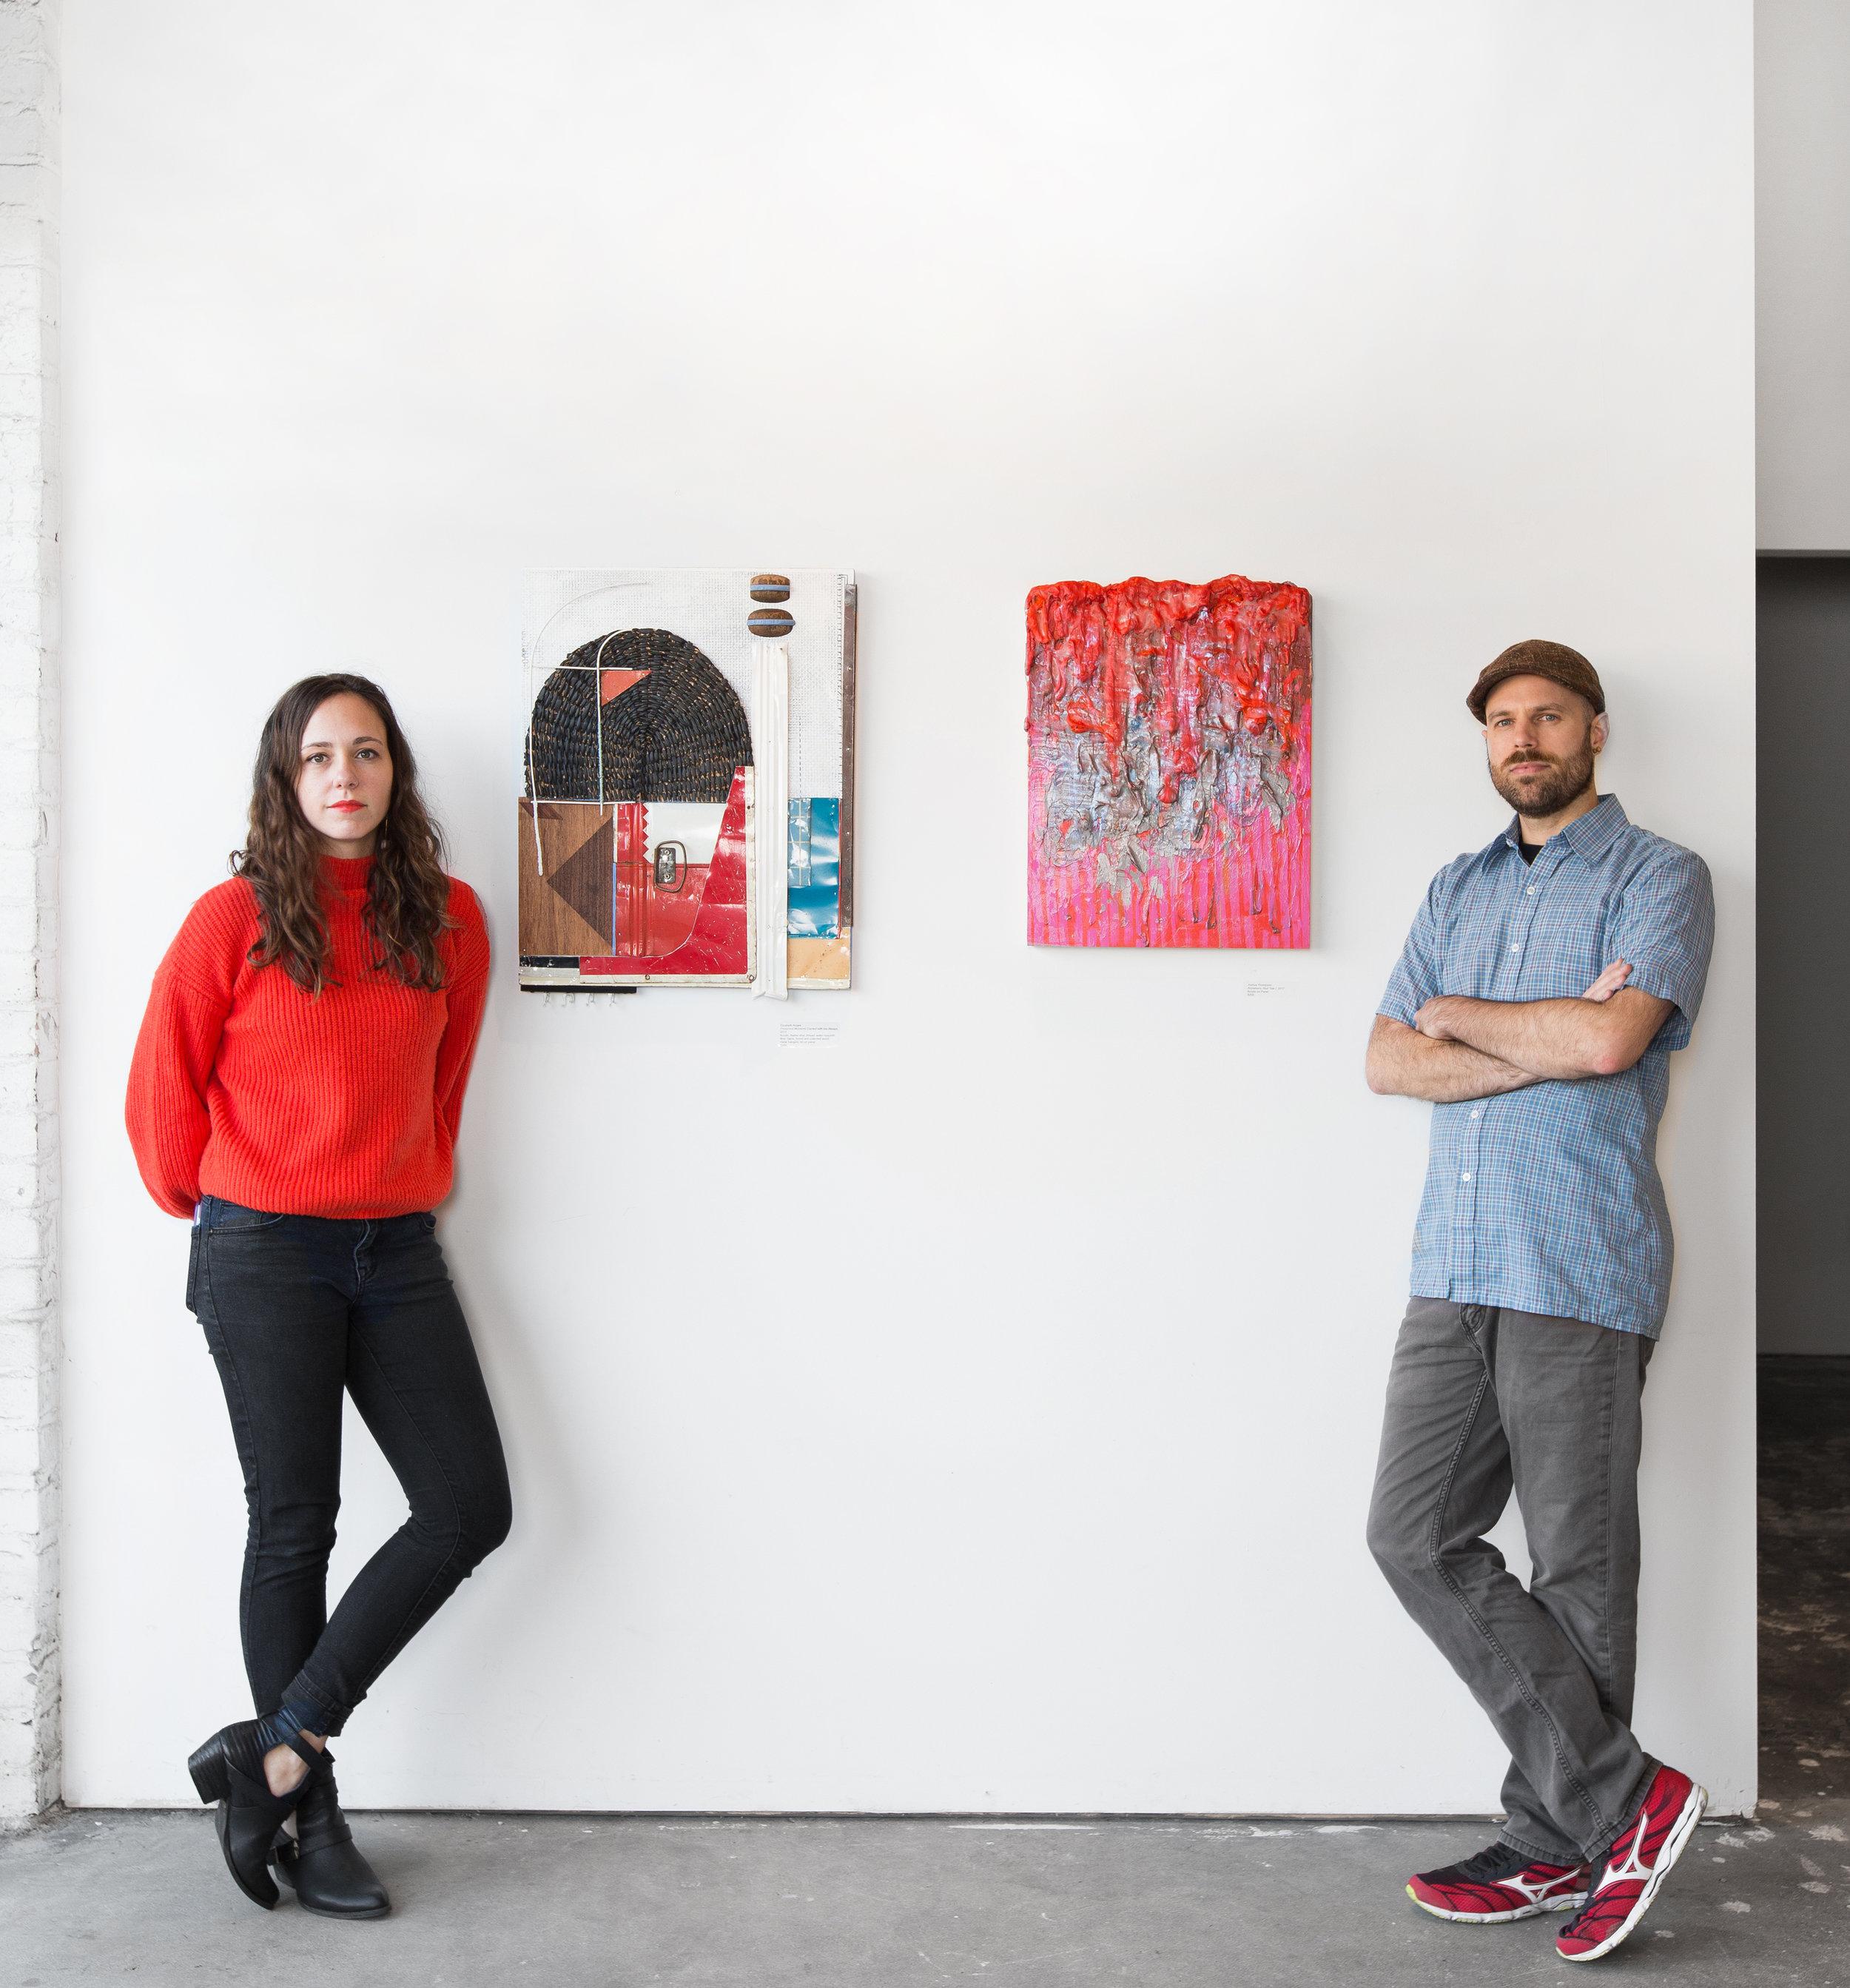 Elizabeth Arzani & Joshua Thompson